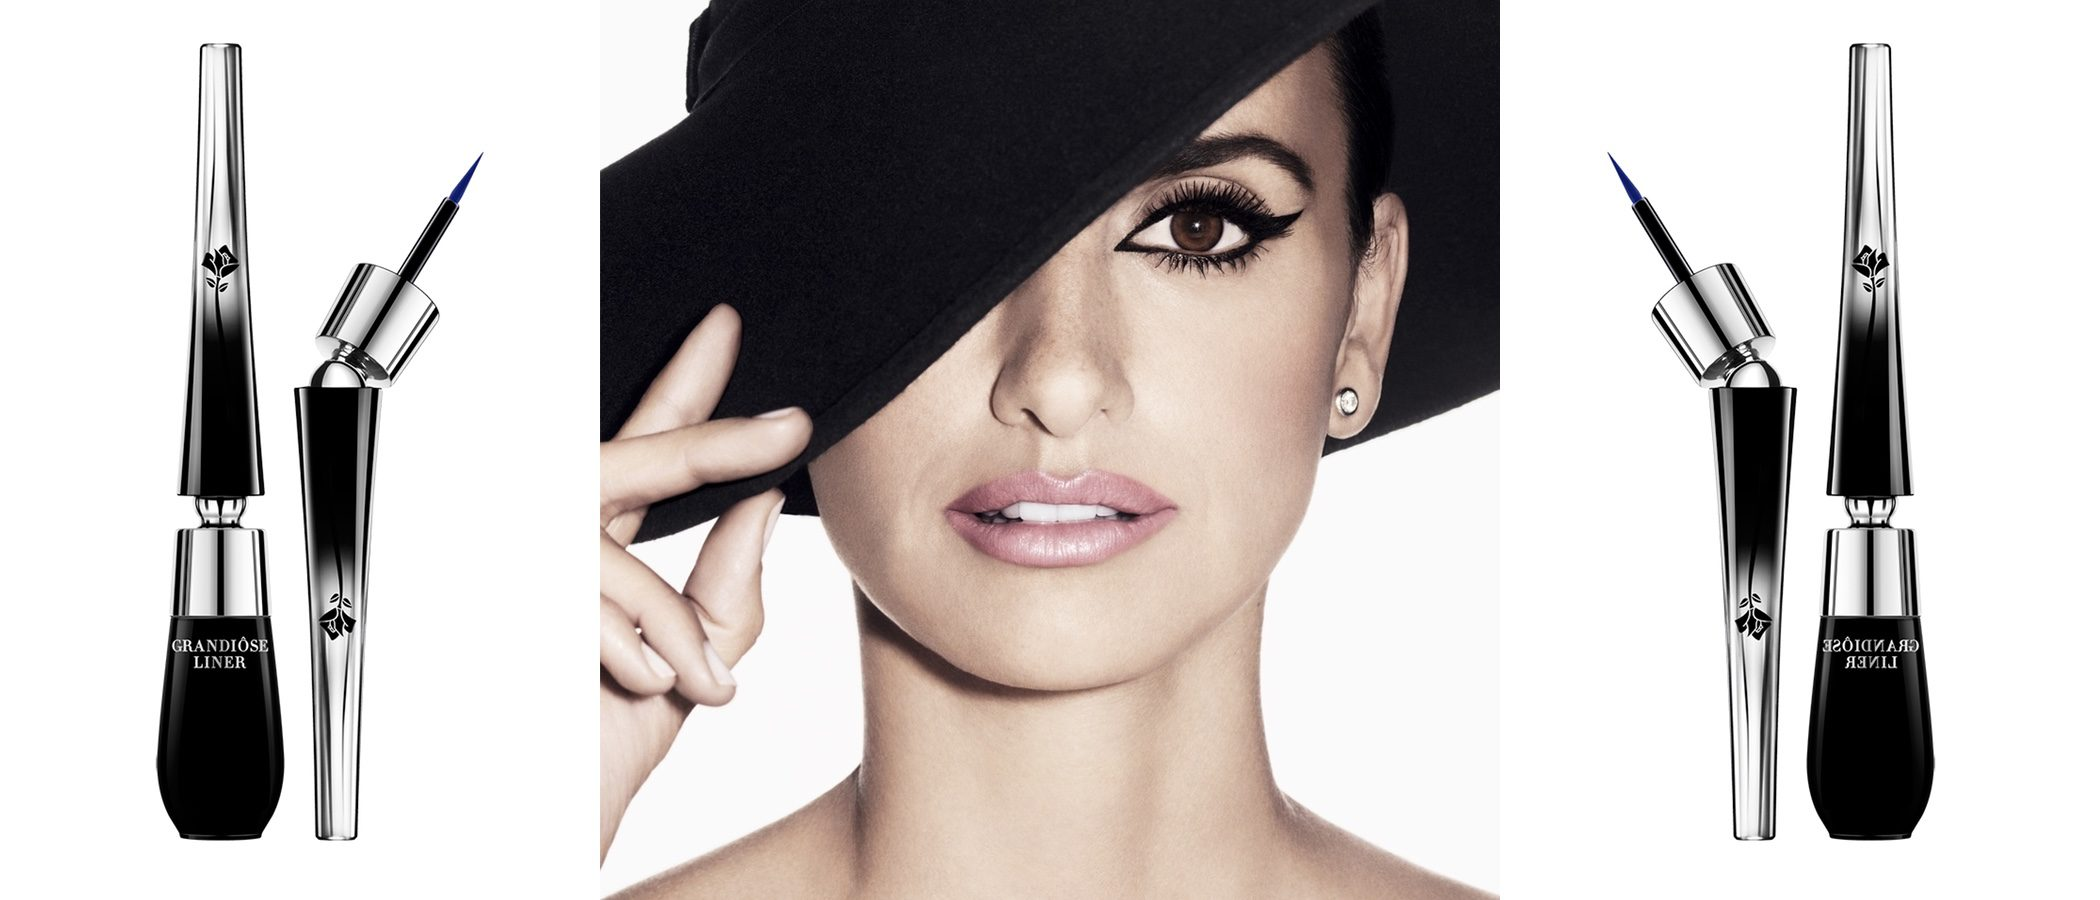 Penélope Cruz, imagen de los nuevos eyeliners de Lancôme